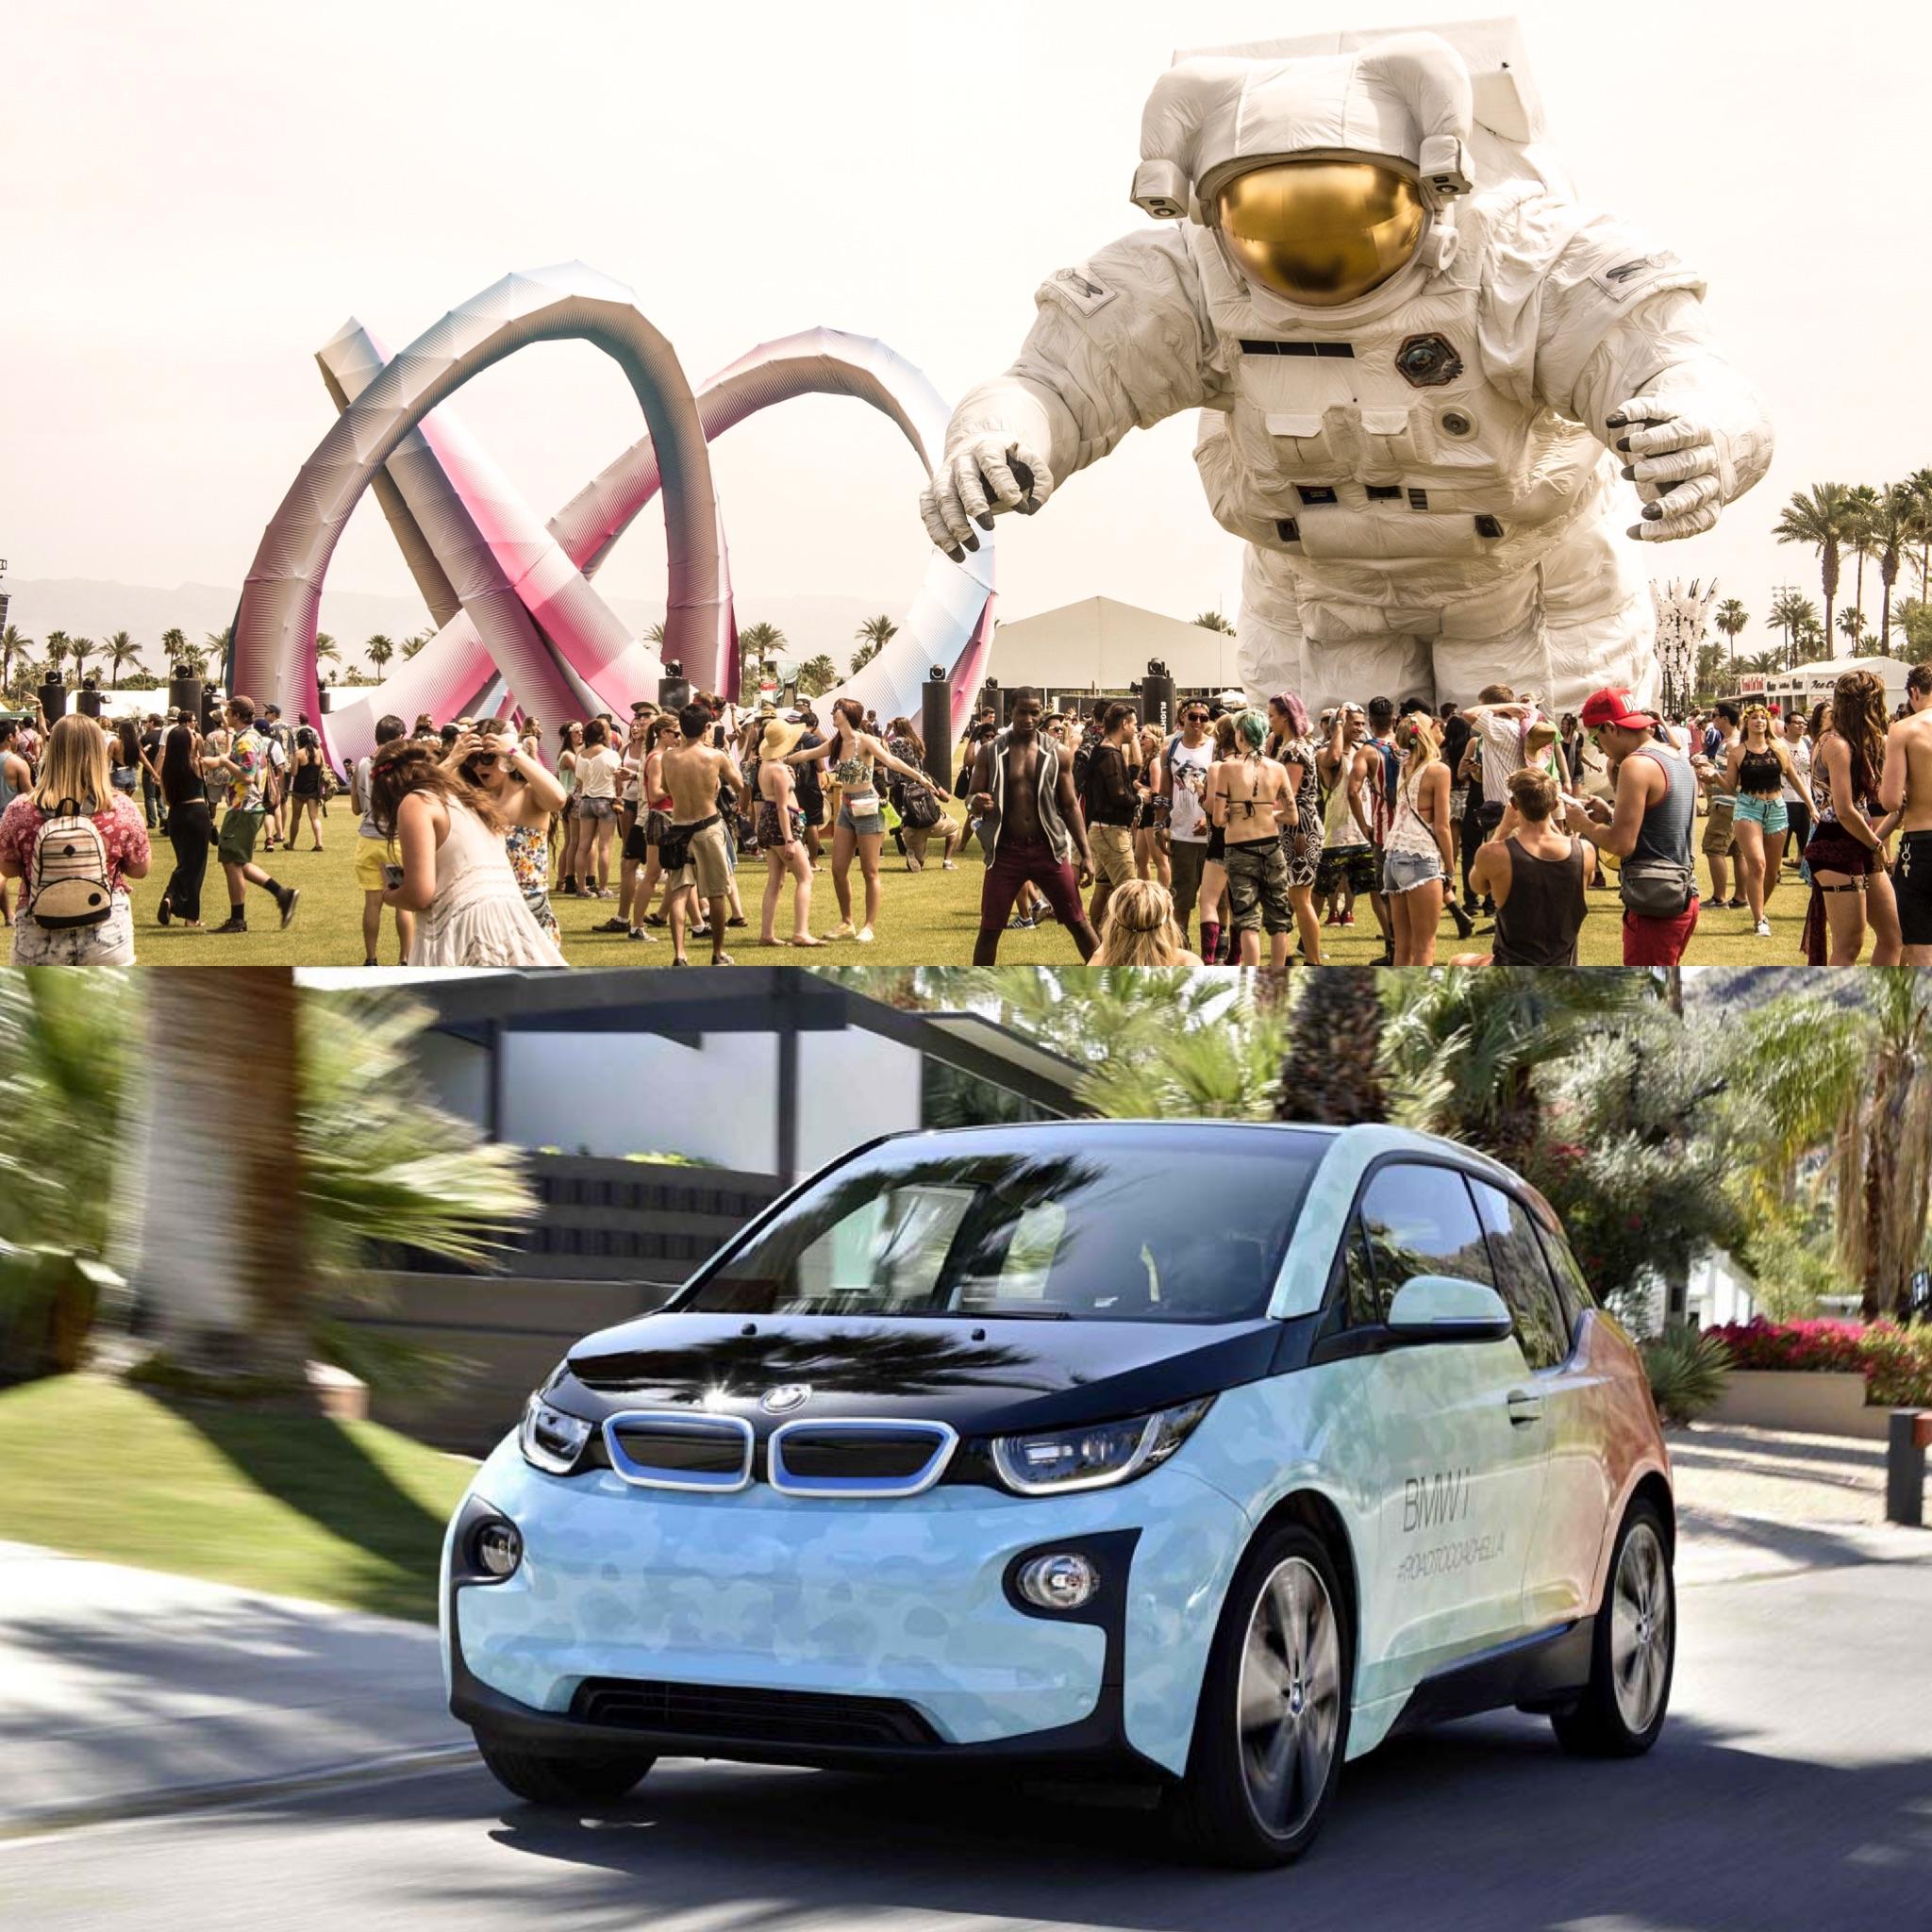 """Featured image for """"Klimaneutrale Anreise? Elektroautos bei Festivals"""""""